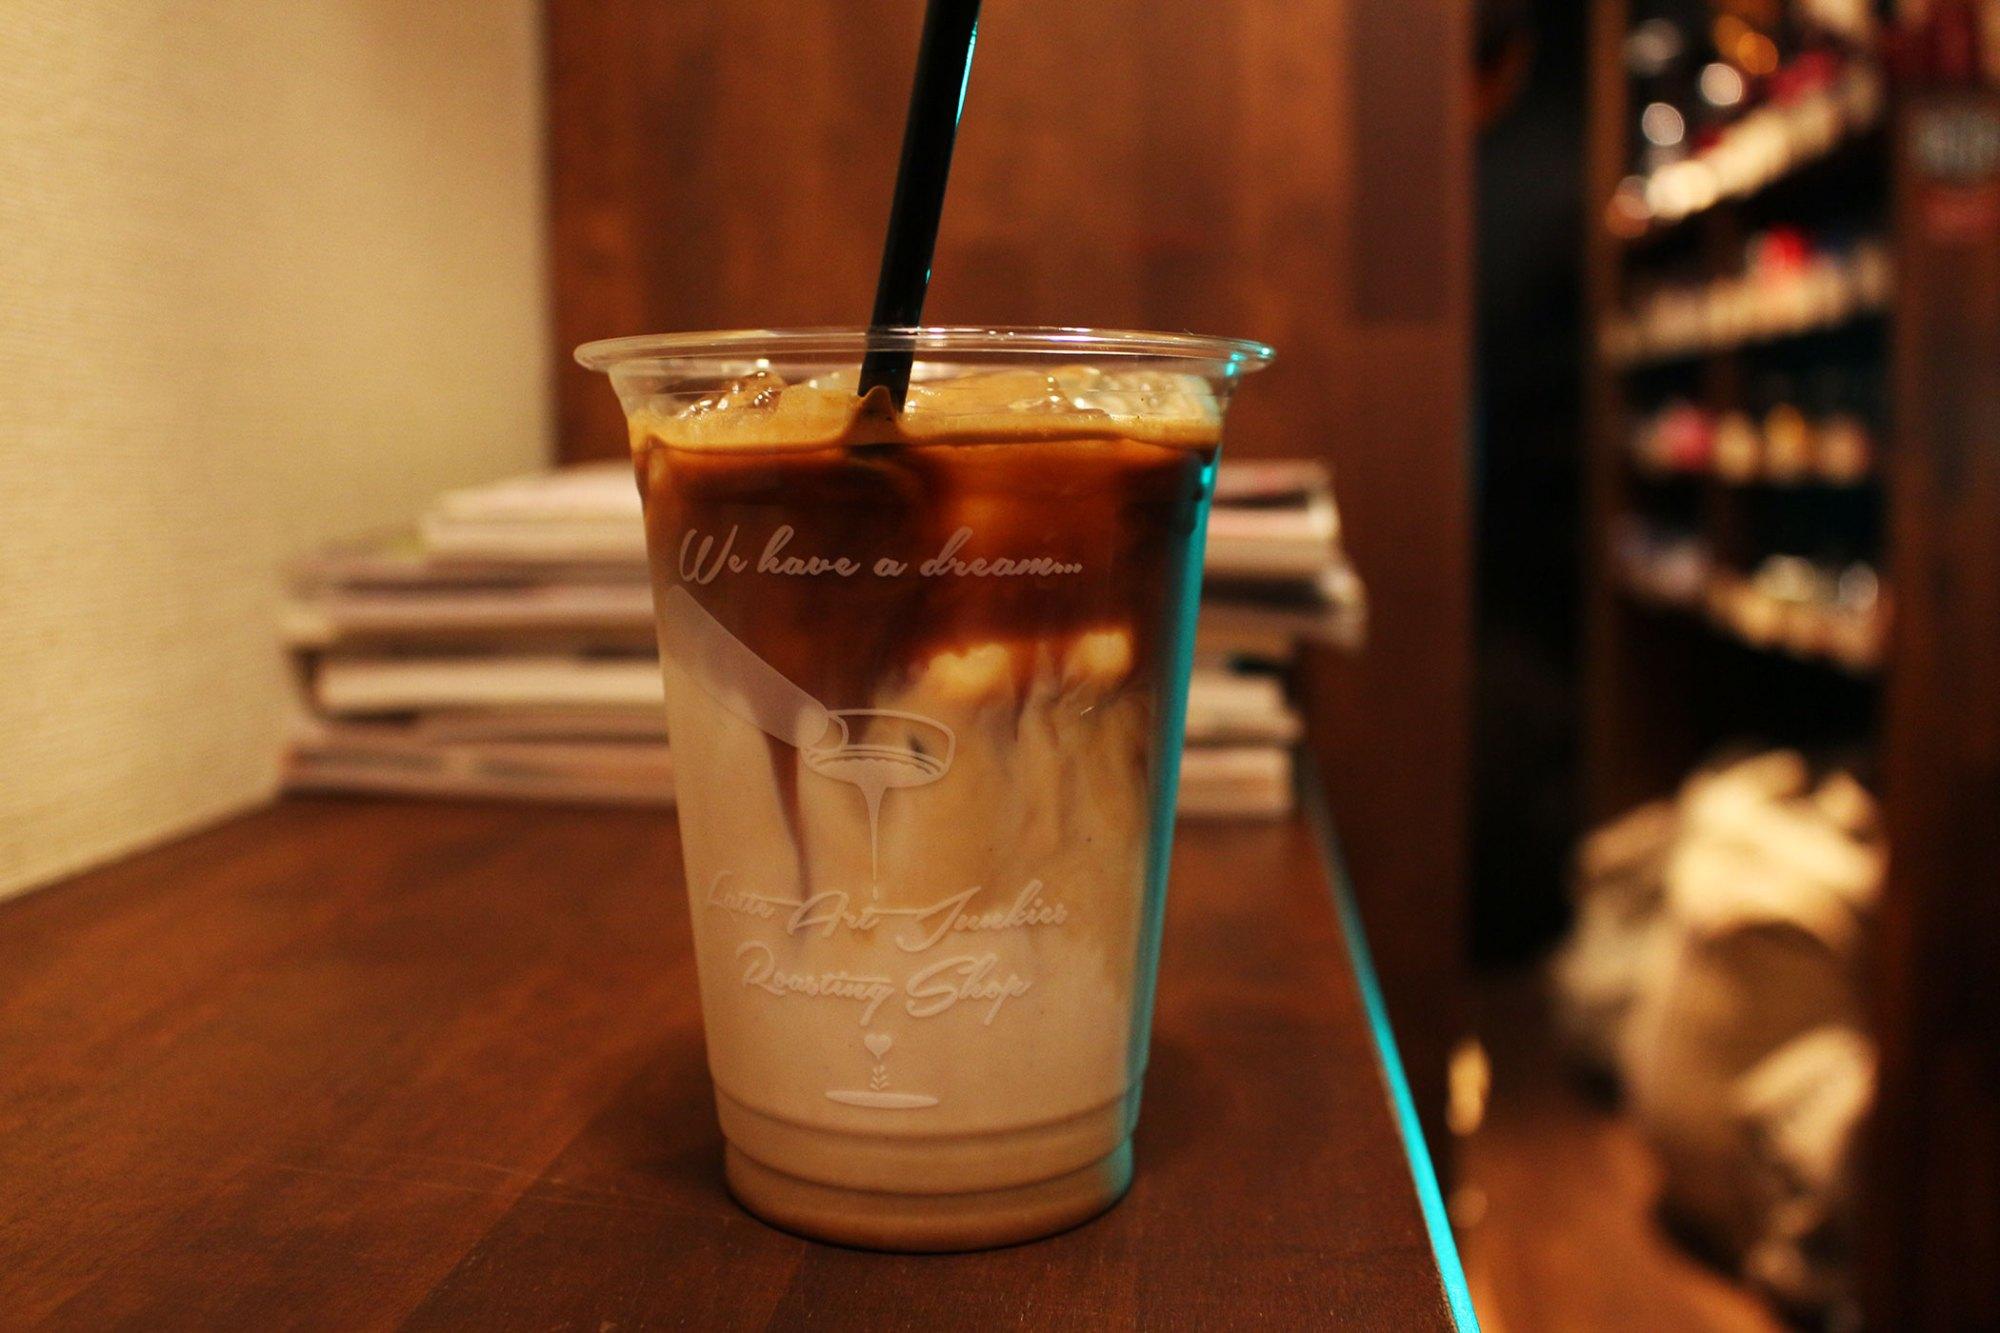 【京都】何度でも行きたいカフェ&コーヒースタンド Latteart Junkies Roastingshop (ラテアートジャンキーズ ロースティングショップ)